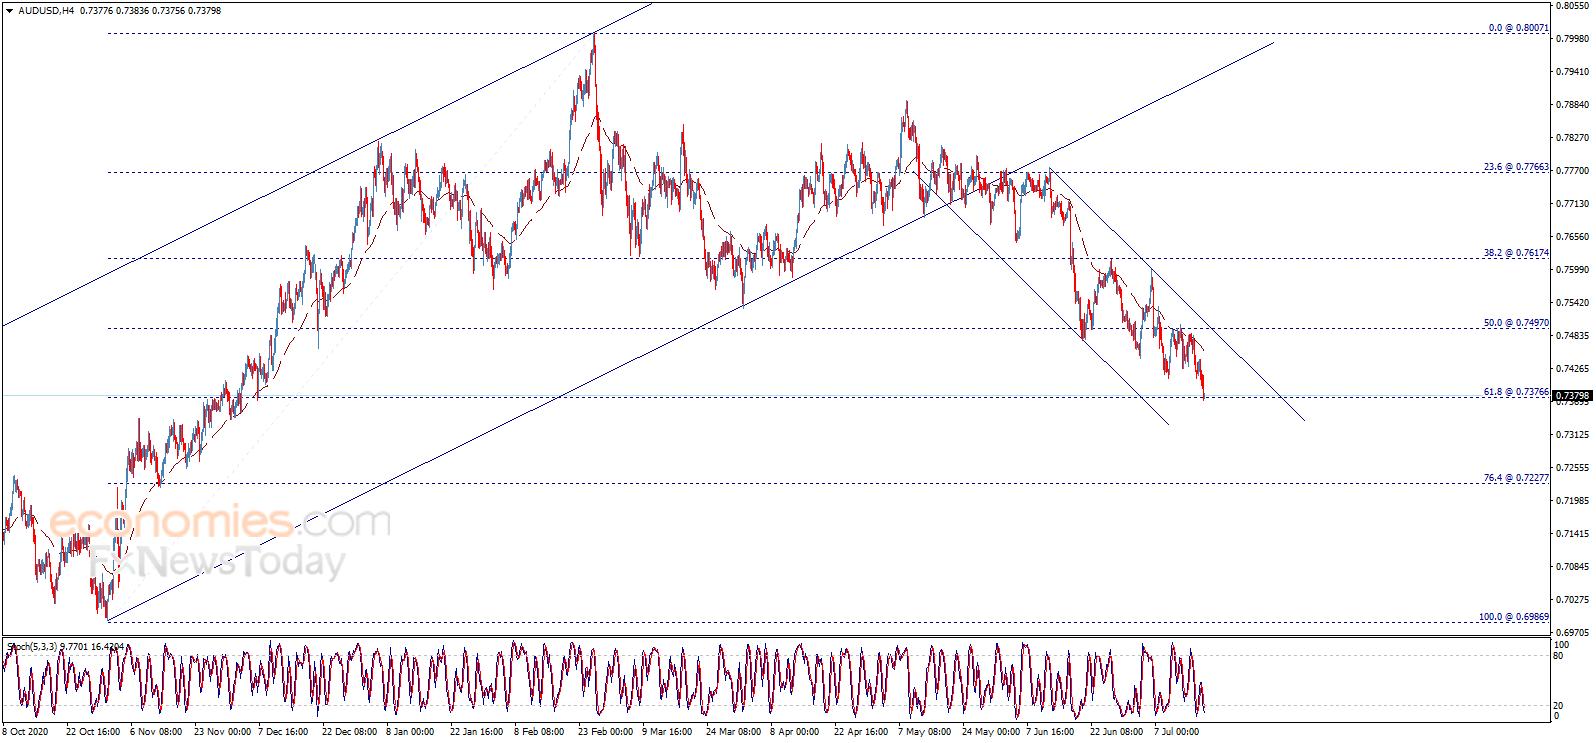 美元多头又爆发!刚刚美元创三个半月高点 欧元、英镑、日元和澳元最新交易分析